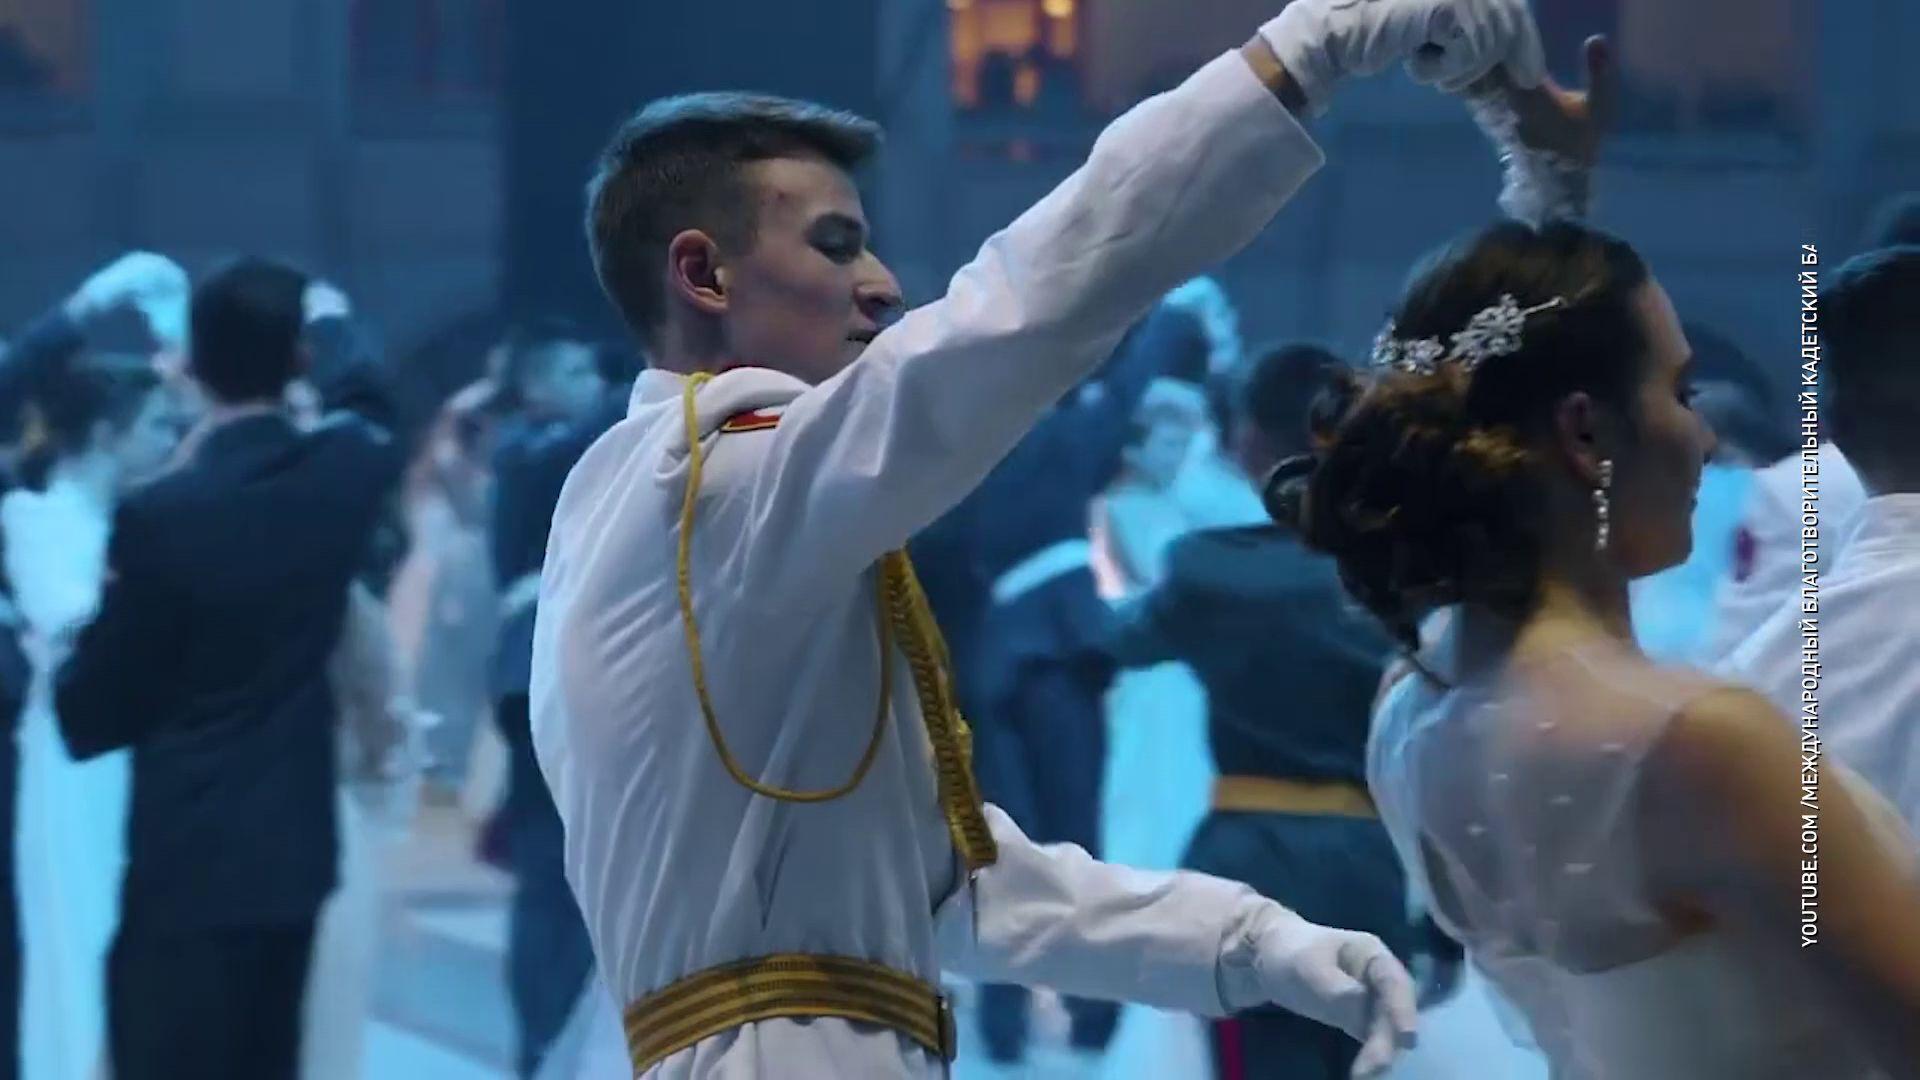 Кадеты из Ярославля будут бороться за звание «Принца и принцессы»